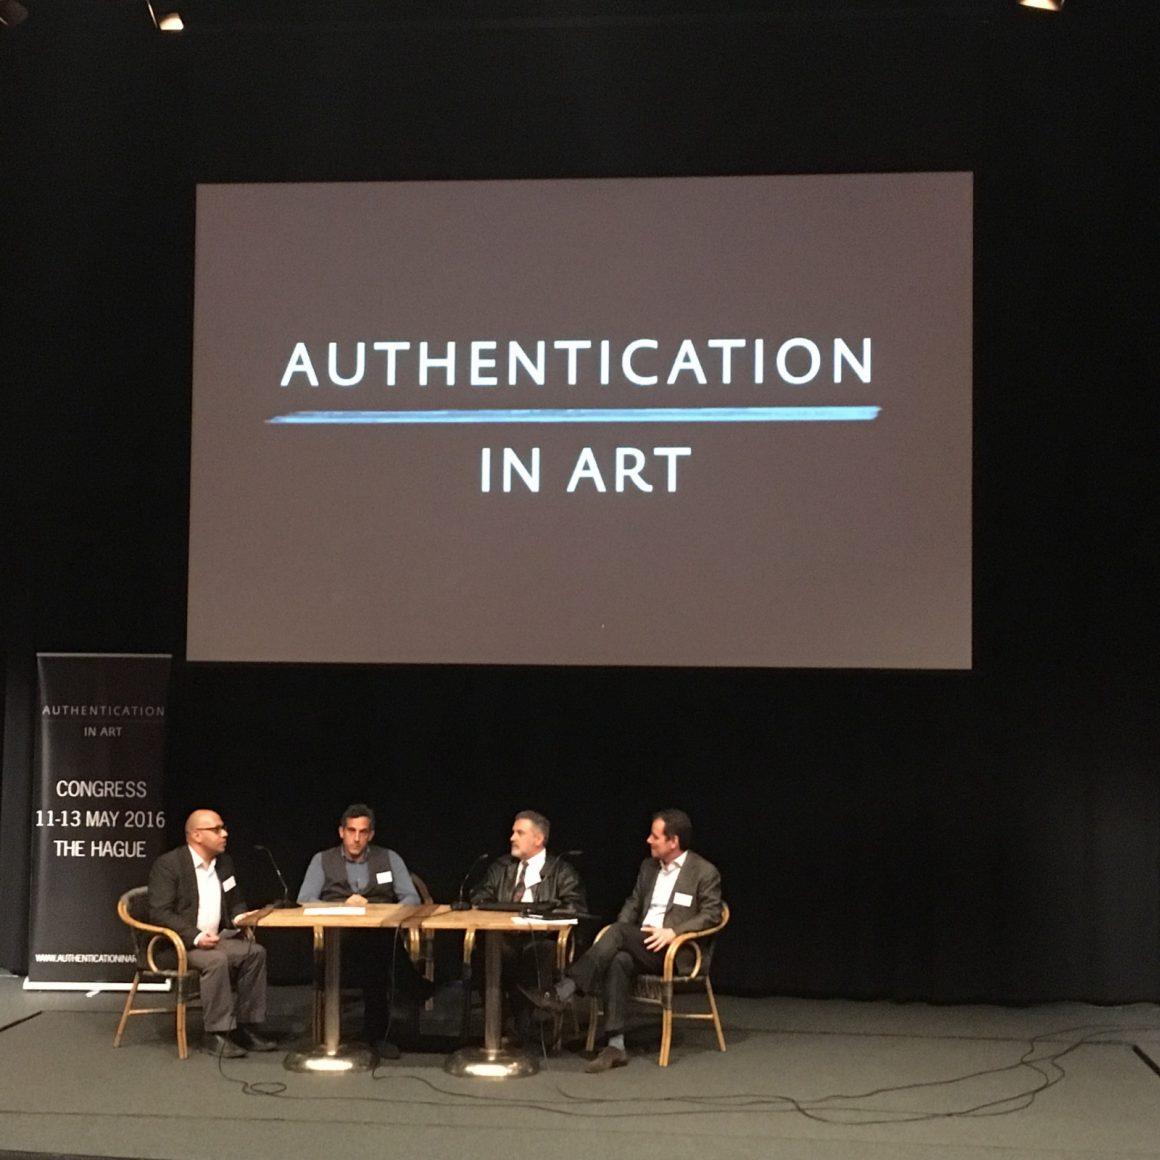 Artory il registro che certifica le opere arte basato su Blockchain riceve un round di finanziamento da 7 milioni di dollari 1160x1160 - Artory il registro che certifica le opere d'arte basato su Blockchain riceve un round di finanziamento da 7 milioni di dollari